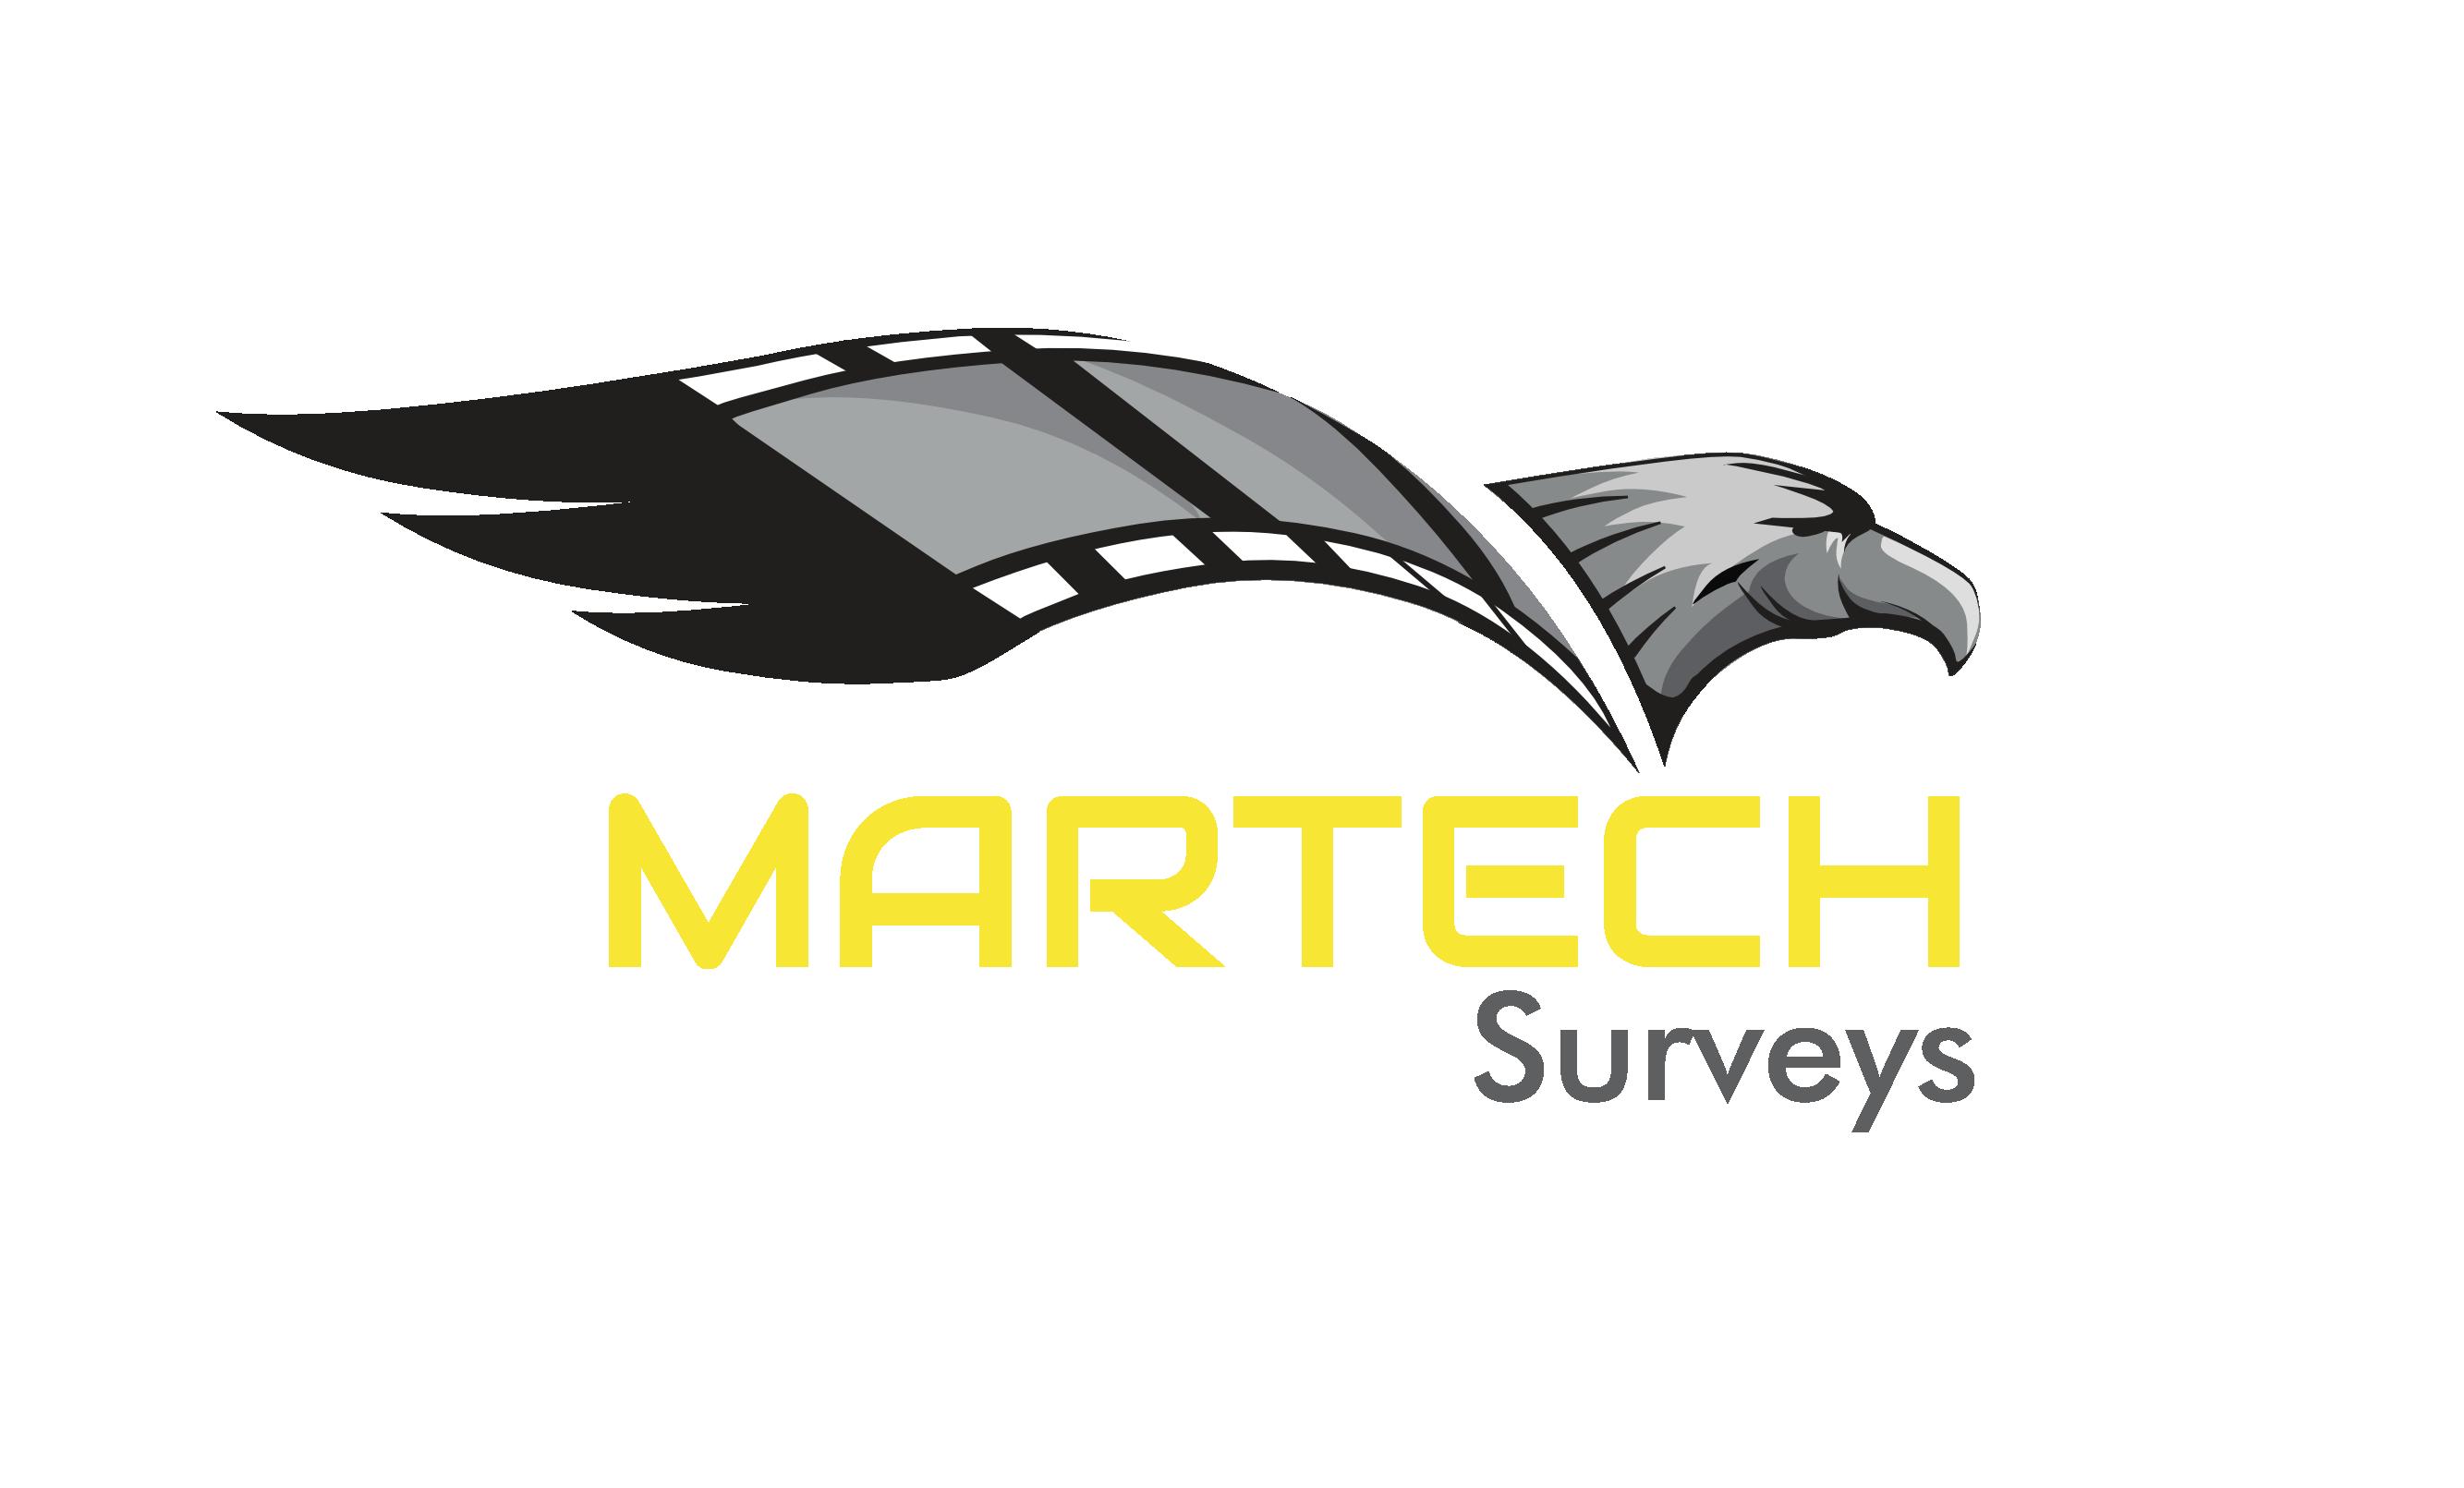 Martech Surveys